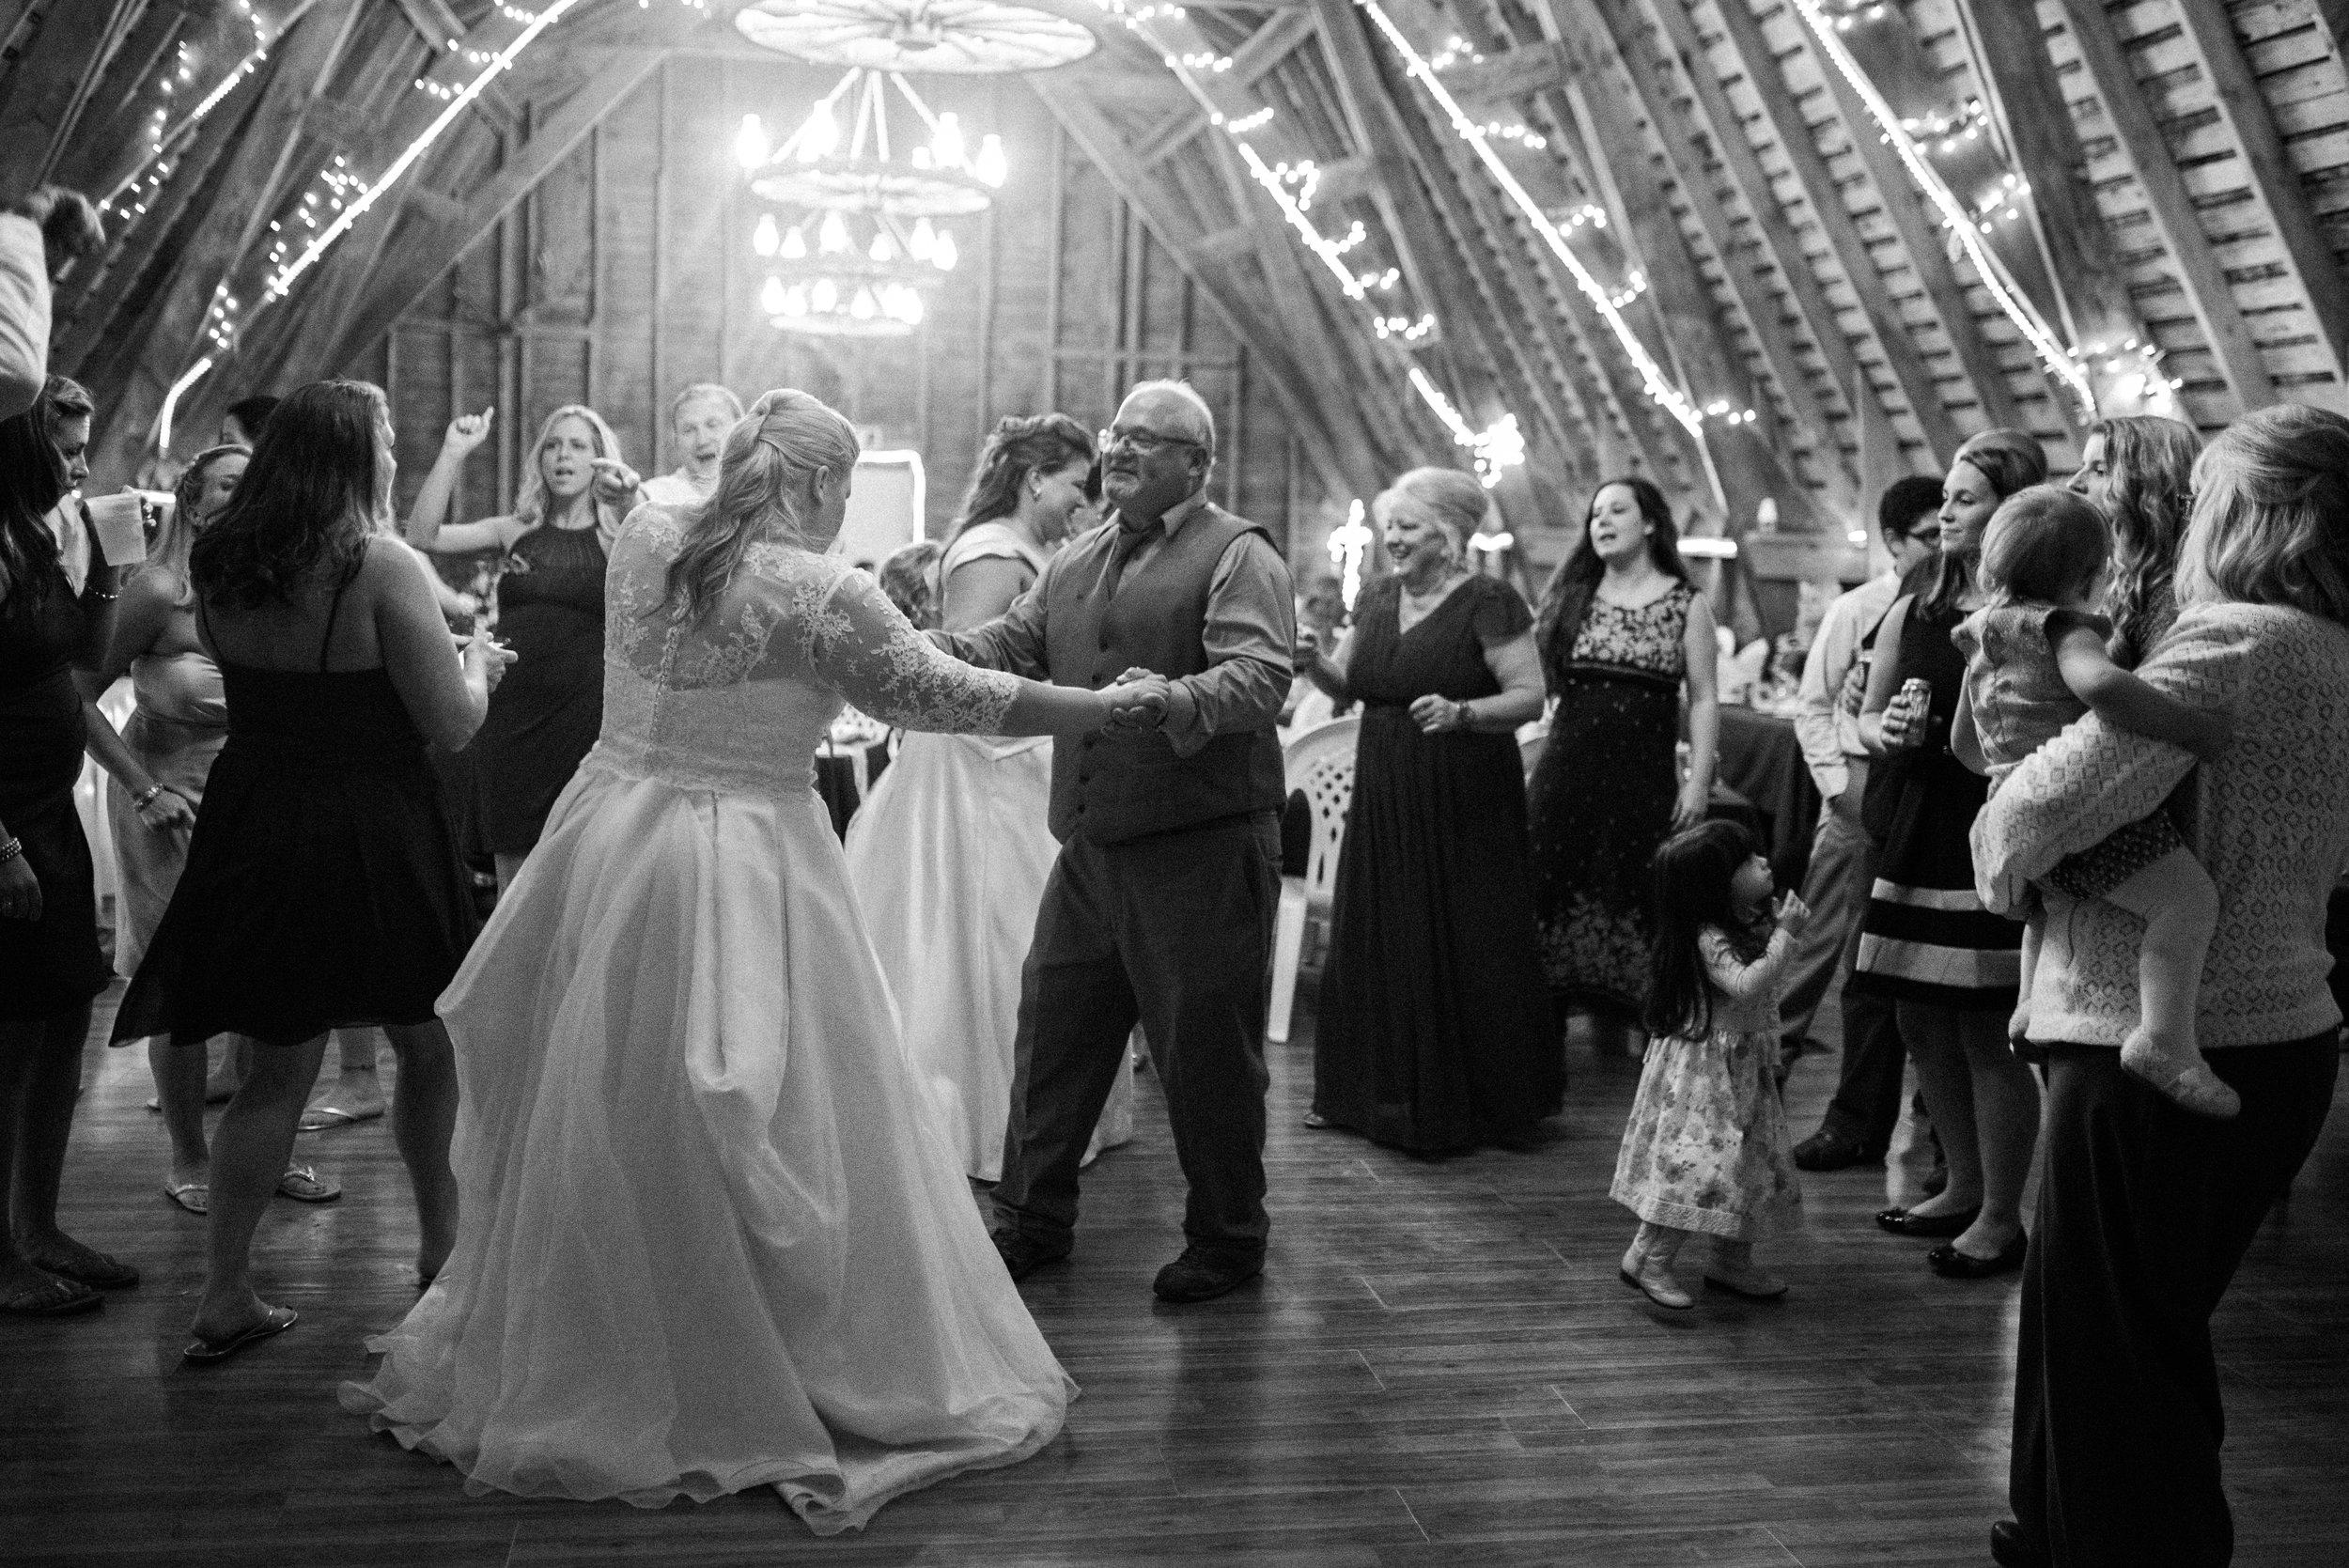 harford-county-photographer-wedding-maryland-baltimore-breanna-kuhlmann-lgbt